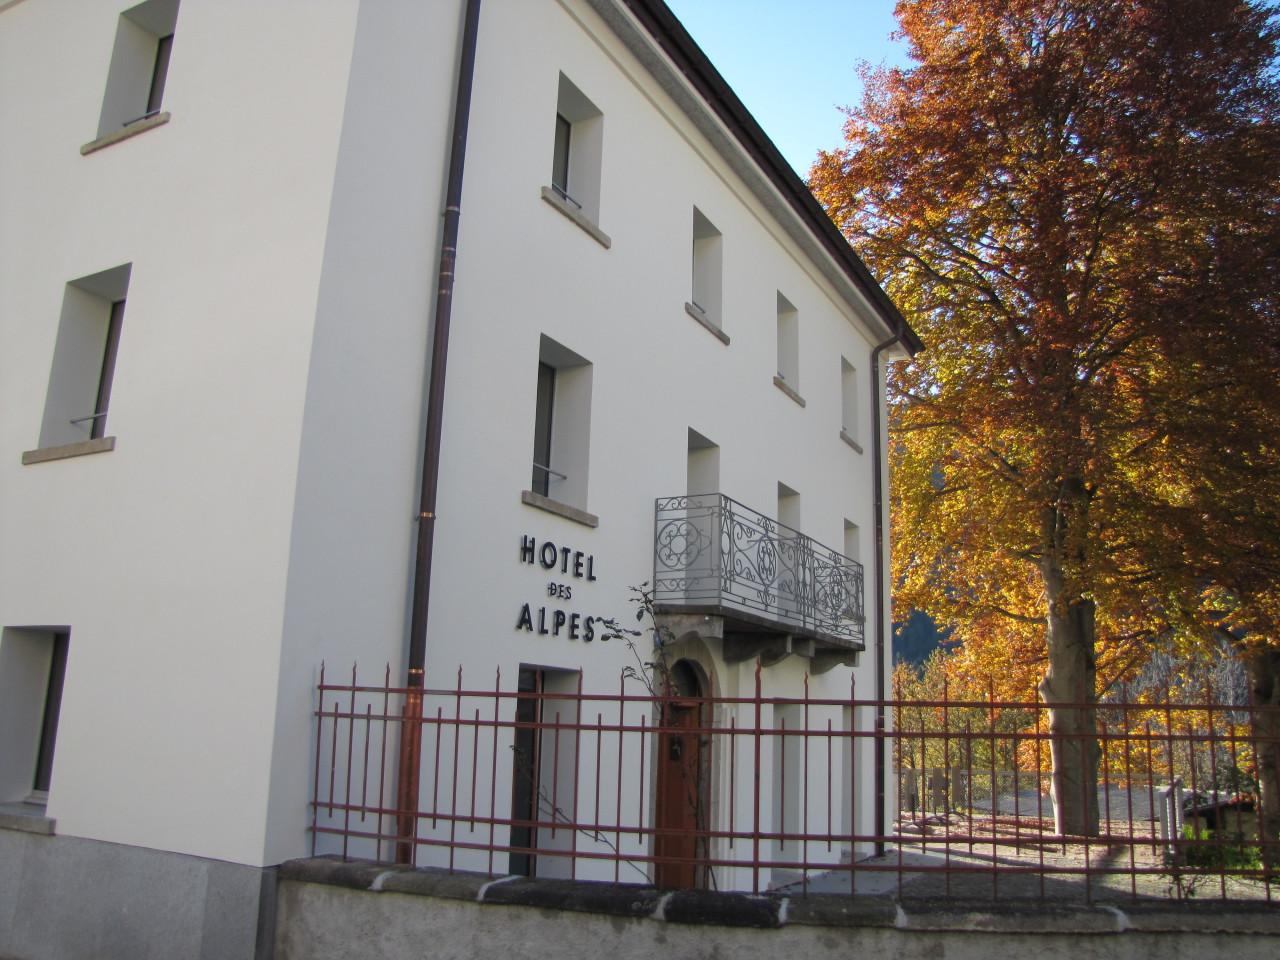 Hotel des Alpes Dalpe Aussenansicht